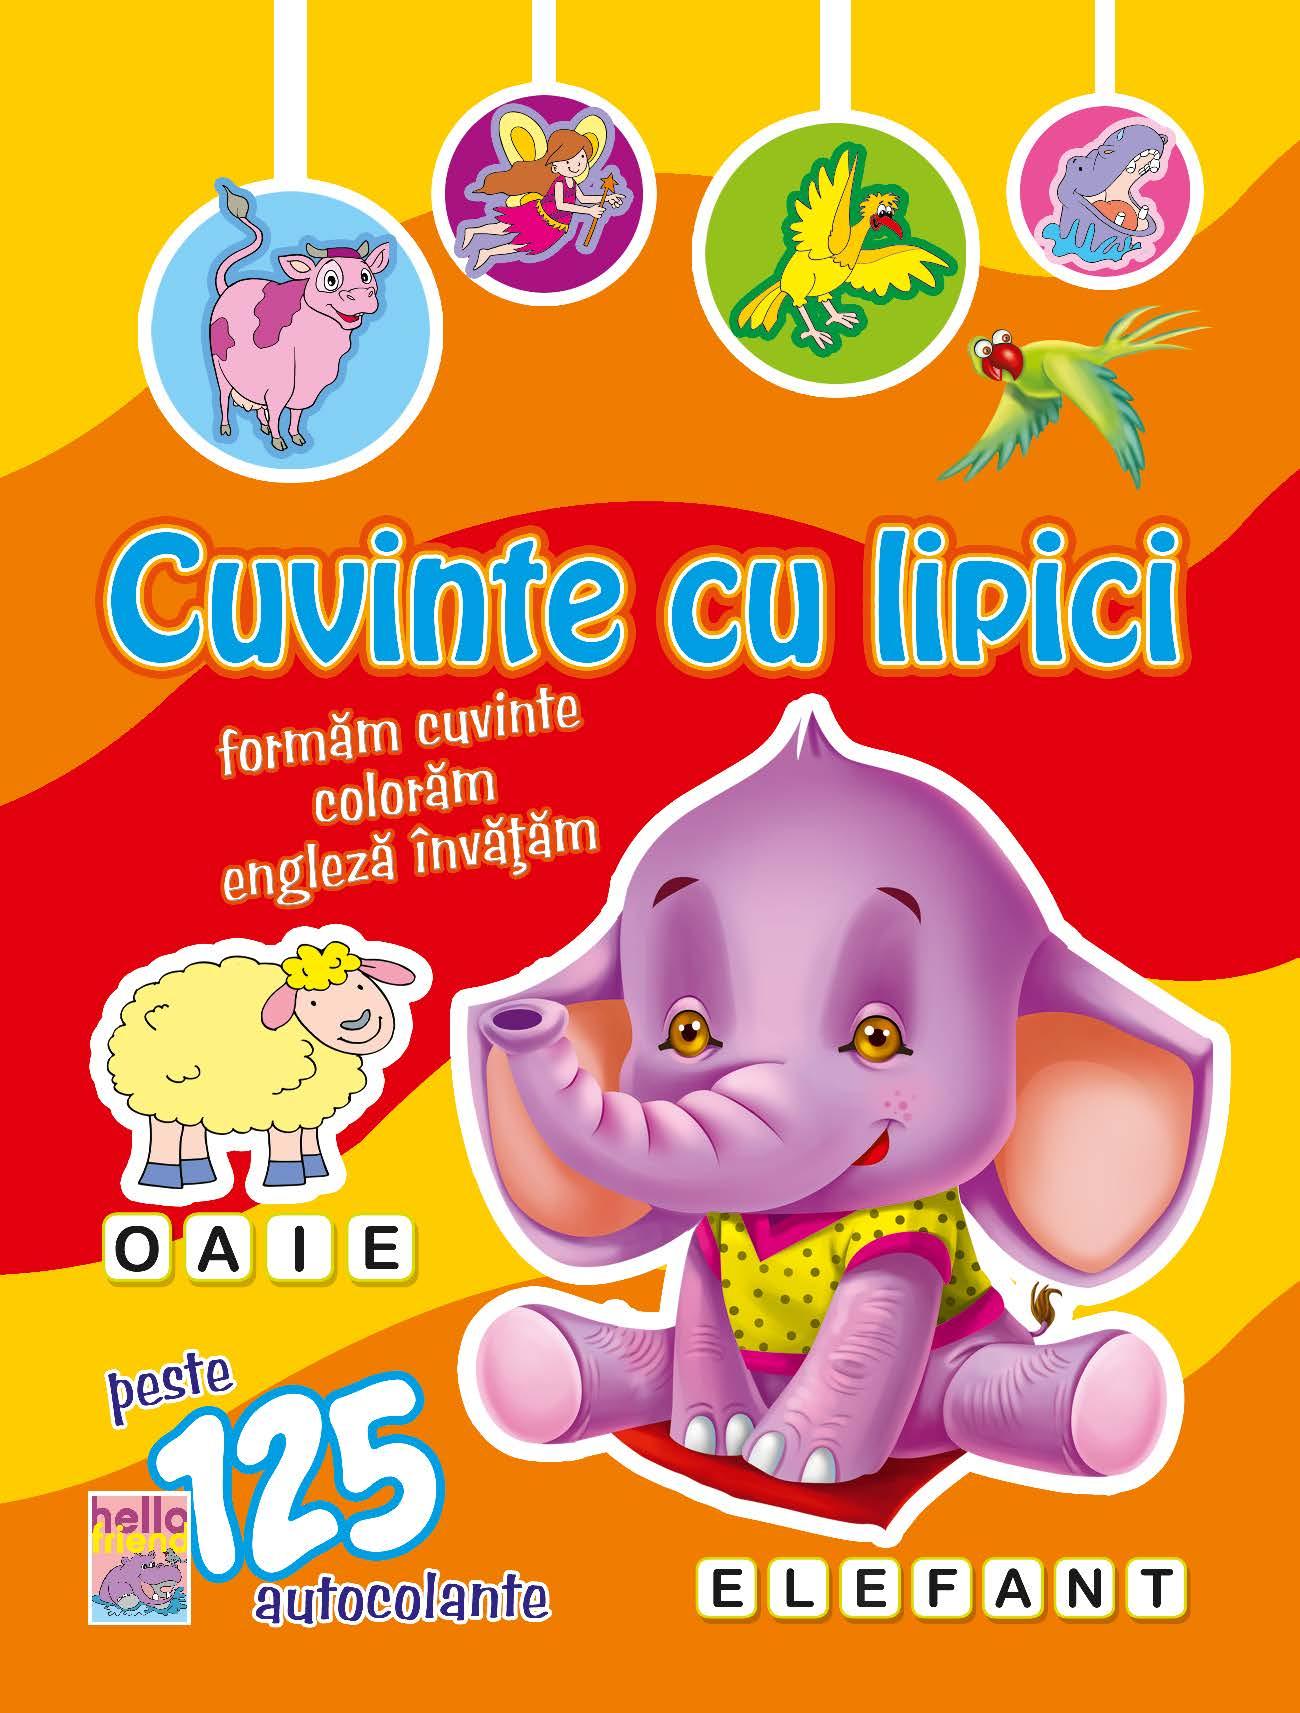 Cuvinte cu lipici - Elefant